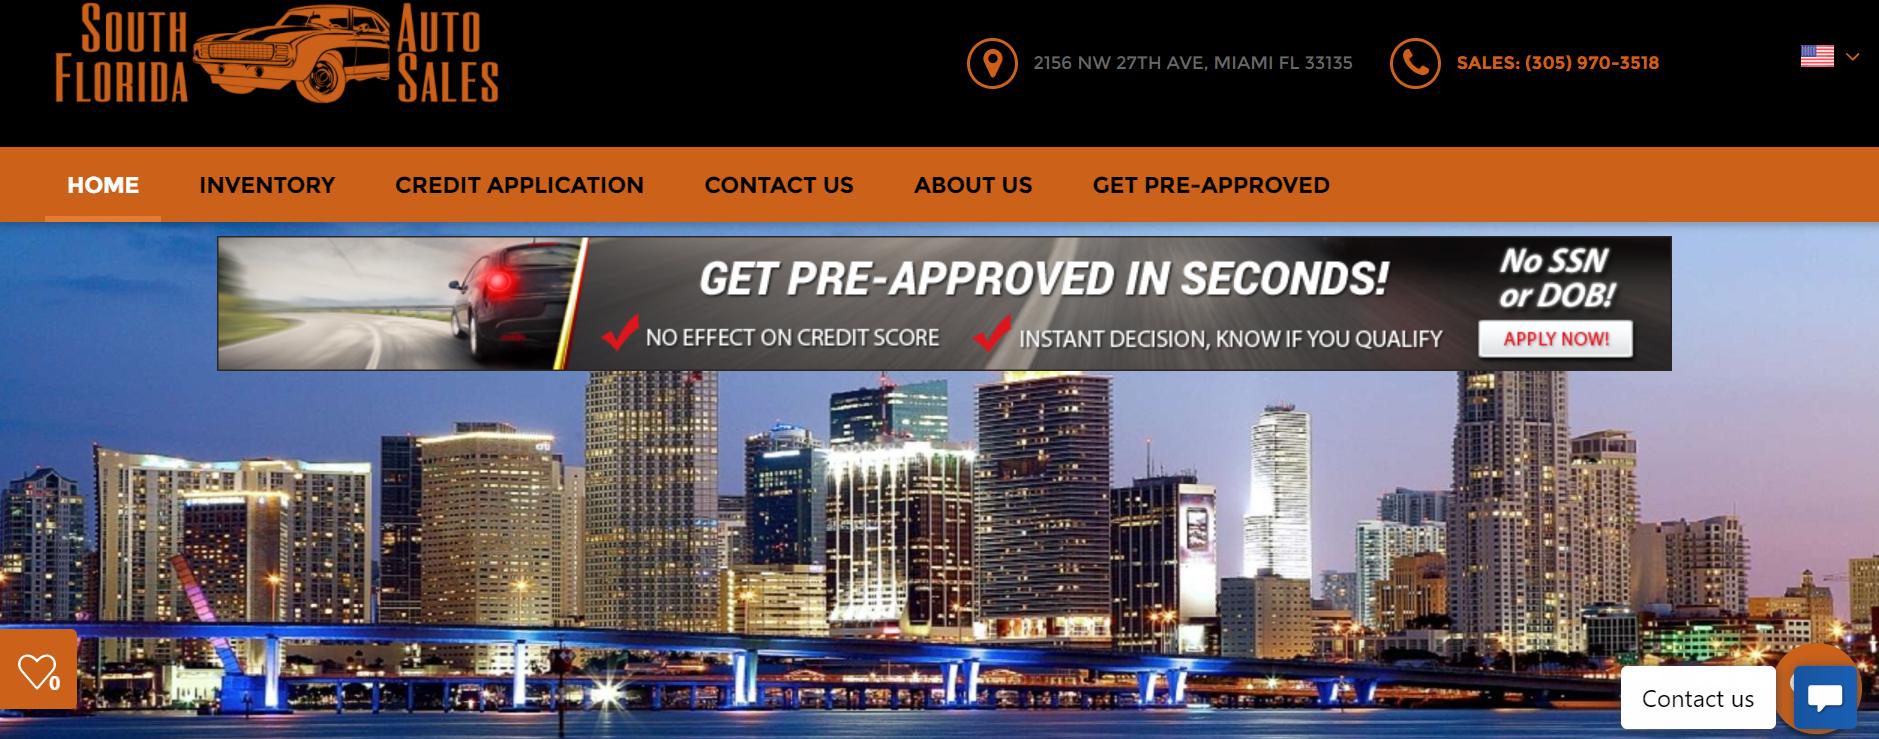 South Florida Auto Sales in Miami